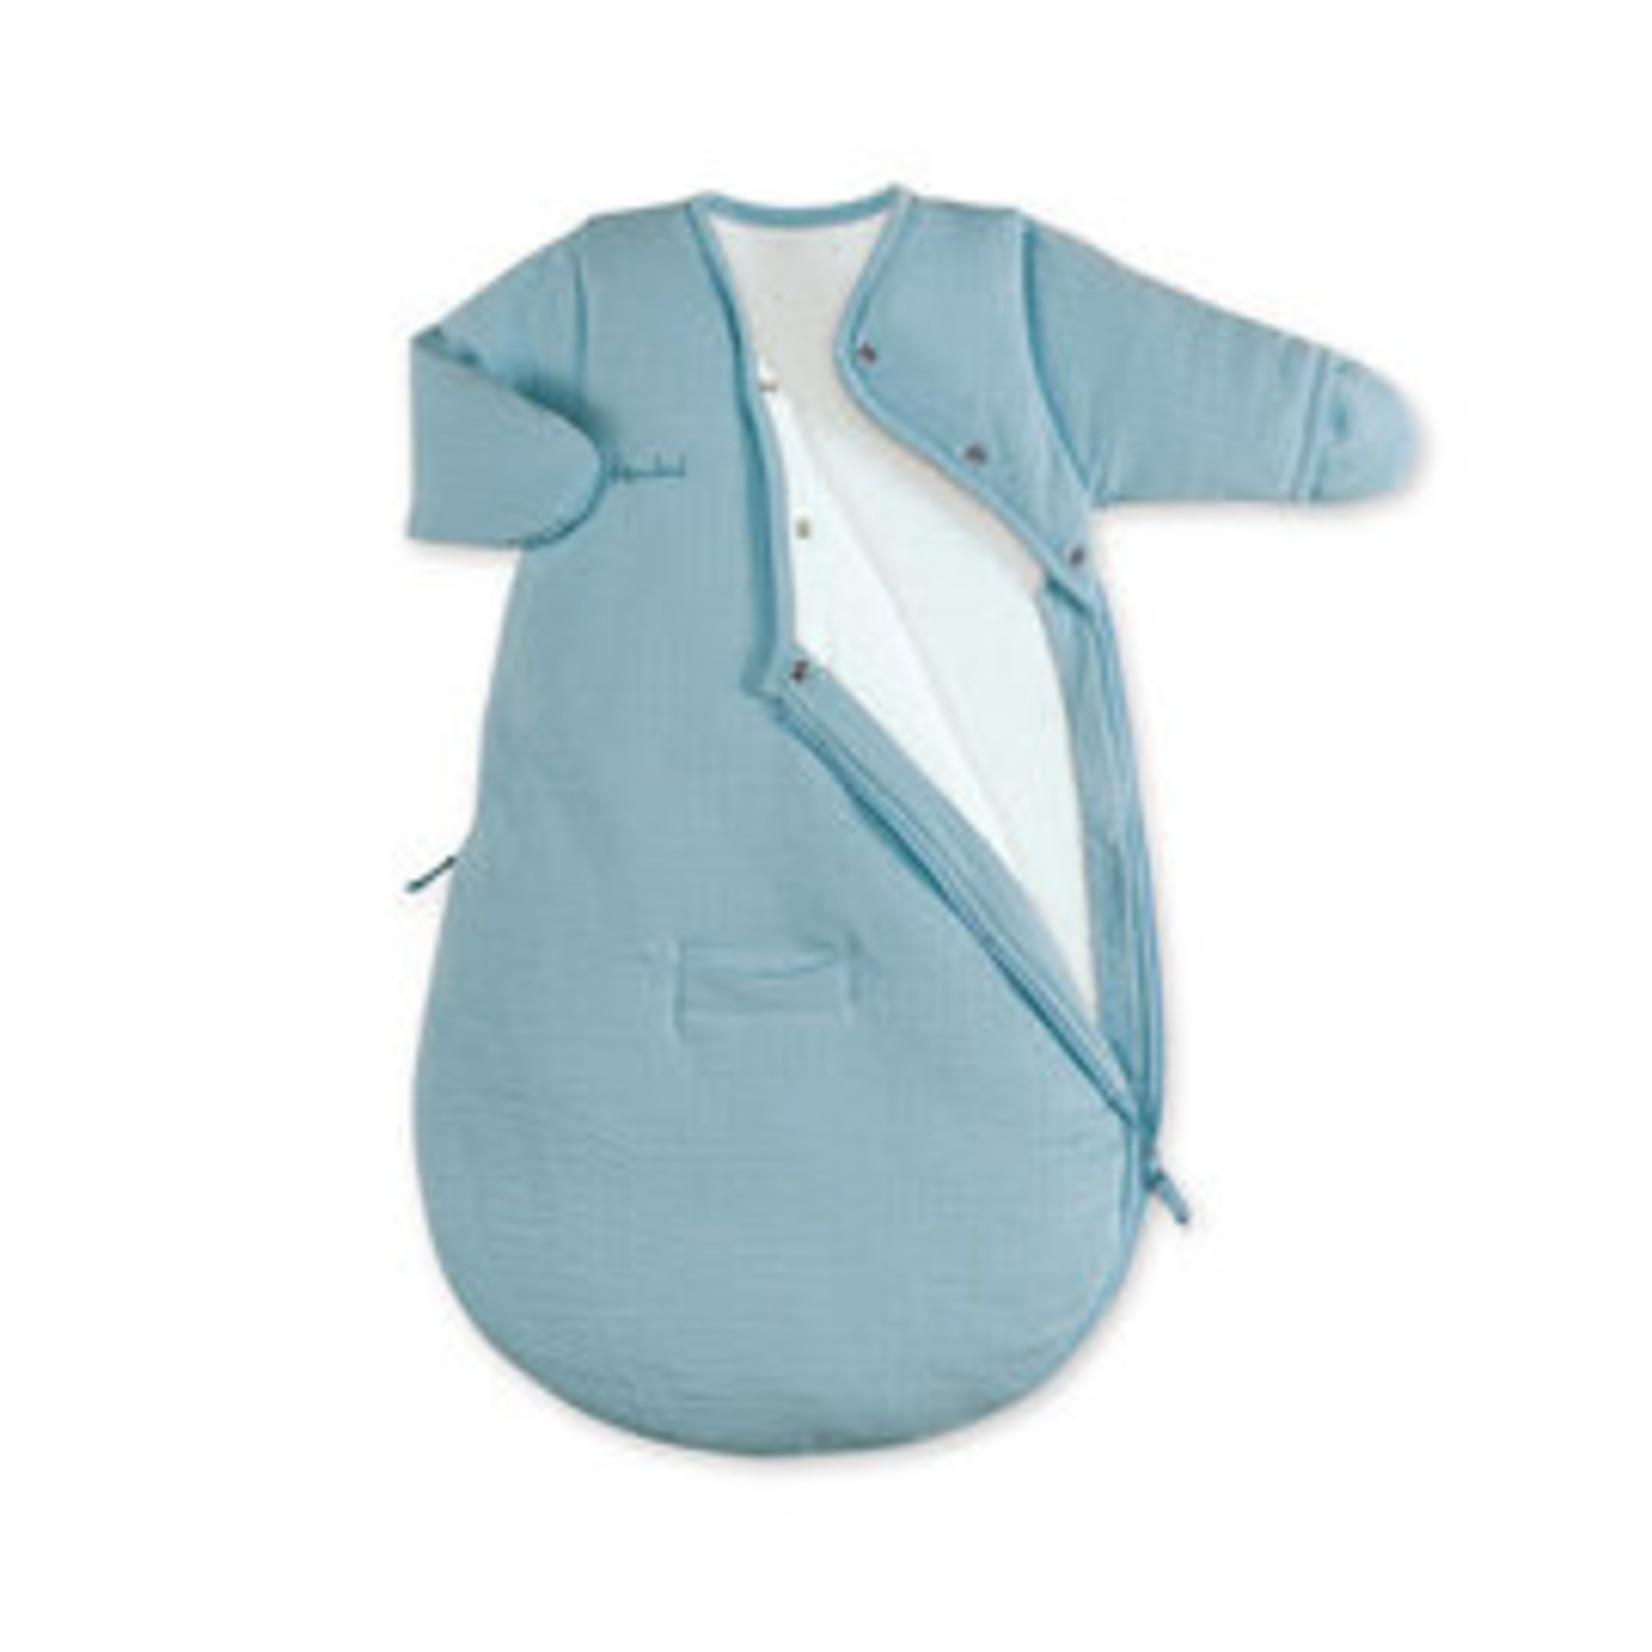 Bemini Bemini Slaapzak Magic bag Mineraal blauw  0-3 maand Pady Tetra Jersey TOG 3. 141CADUM65CU